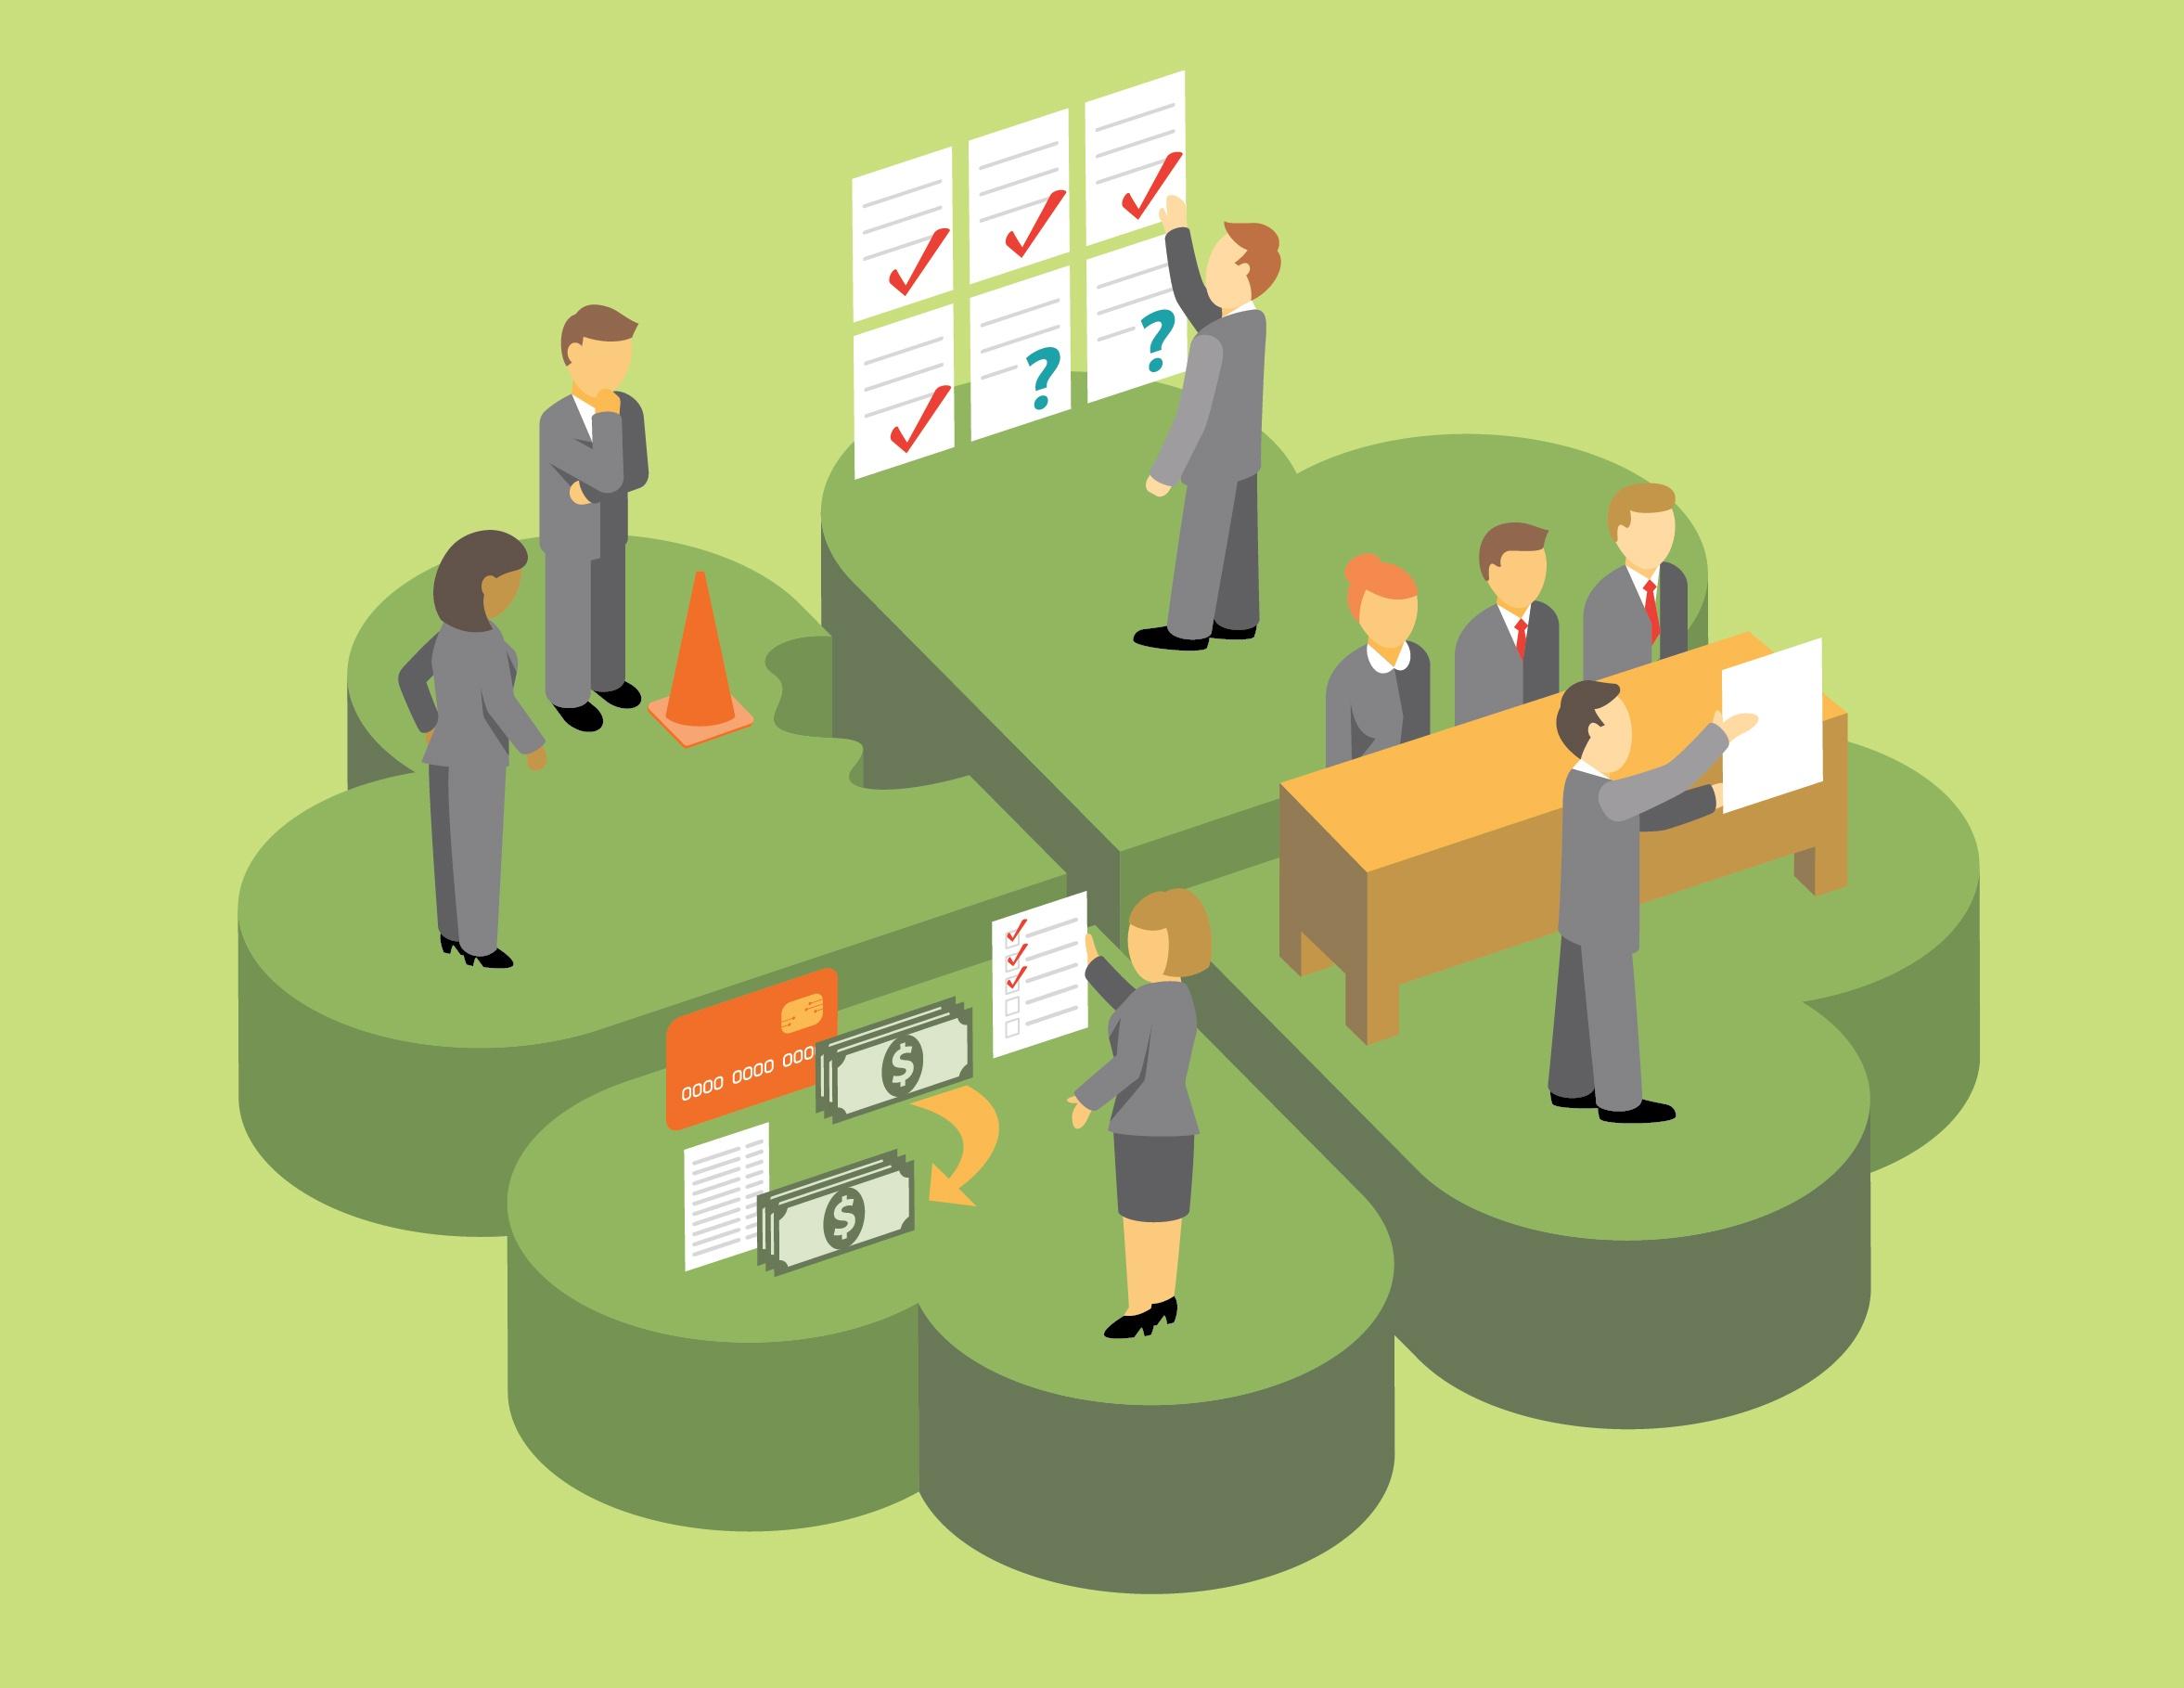 vendor management pdf best practices